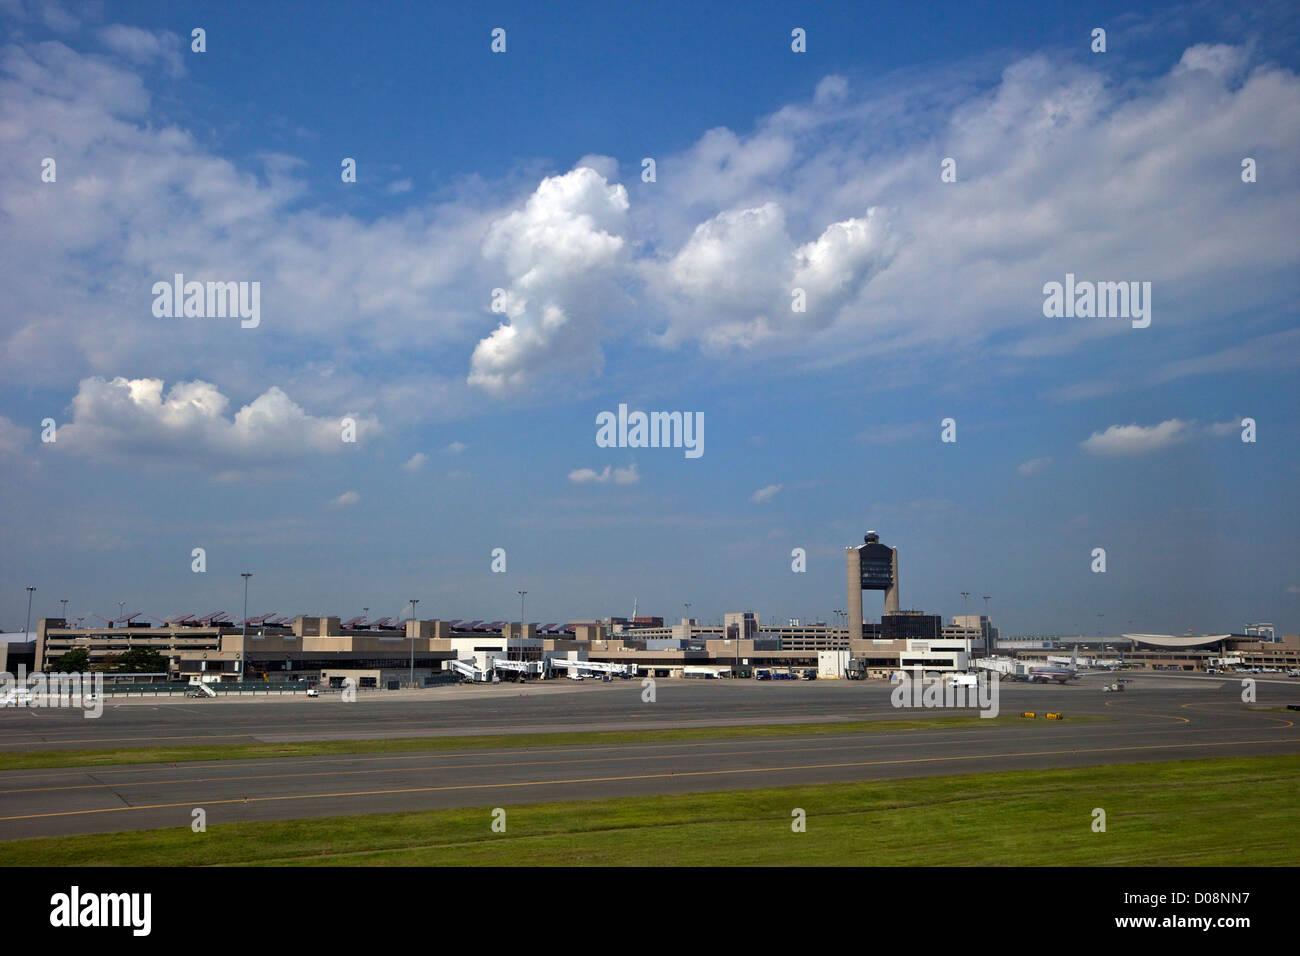 El Aeropuerto Internacional Logan de Boston, EE.UU. Imagen De Stock